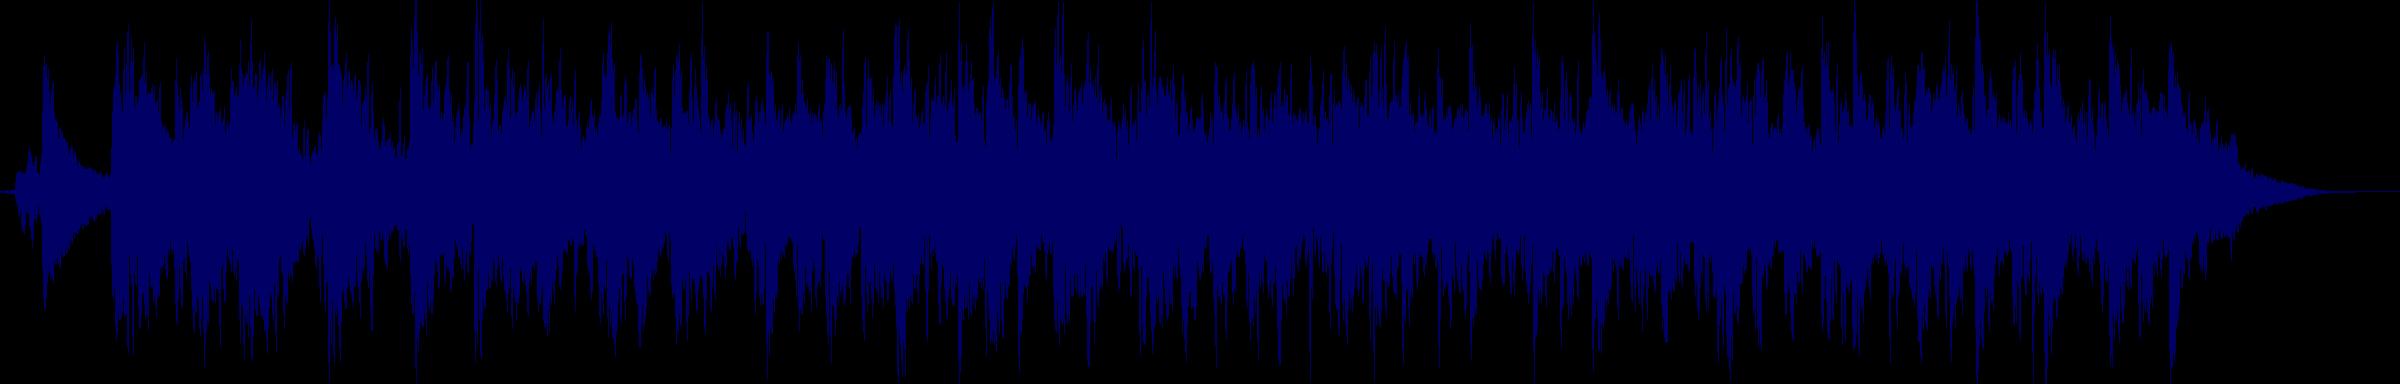 waveform of track #158870